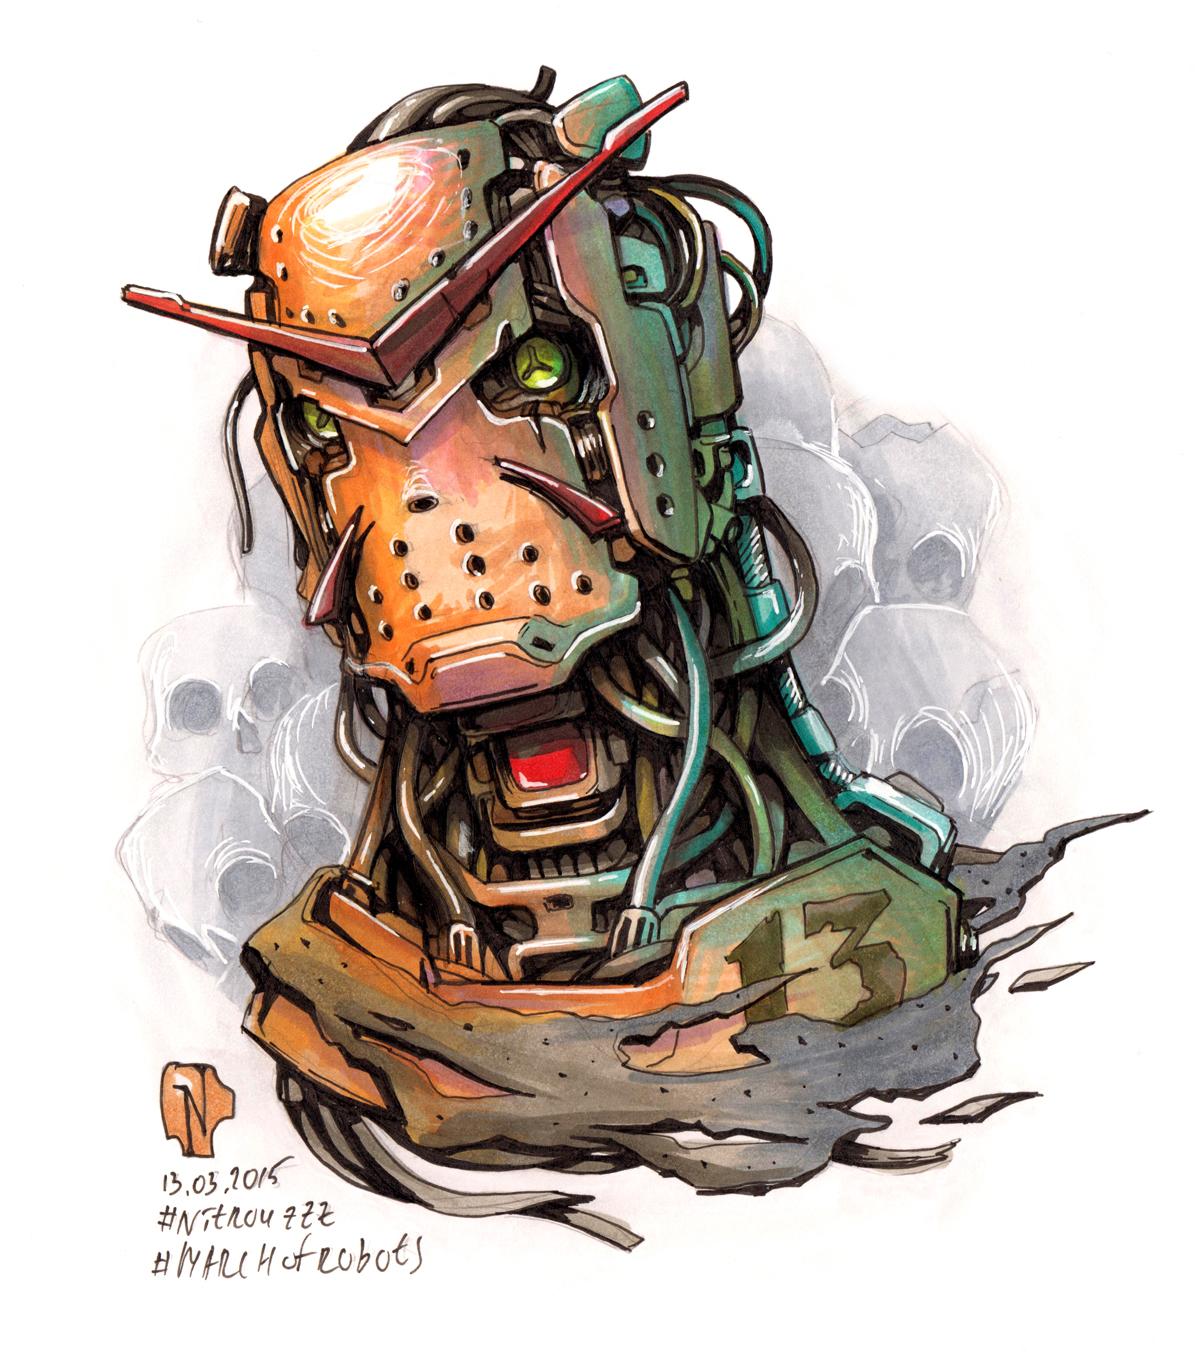 MarchOfRobots_2015_06_Done_Clean_1200